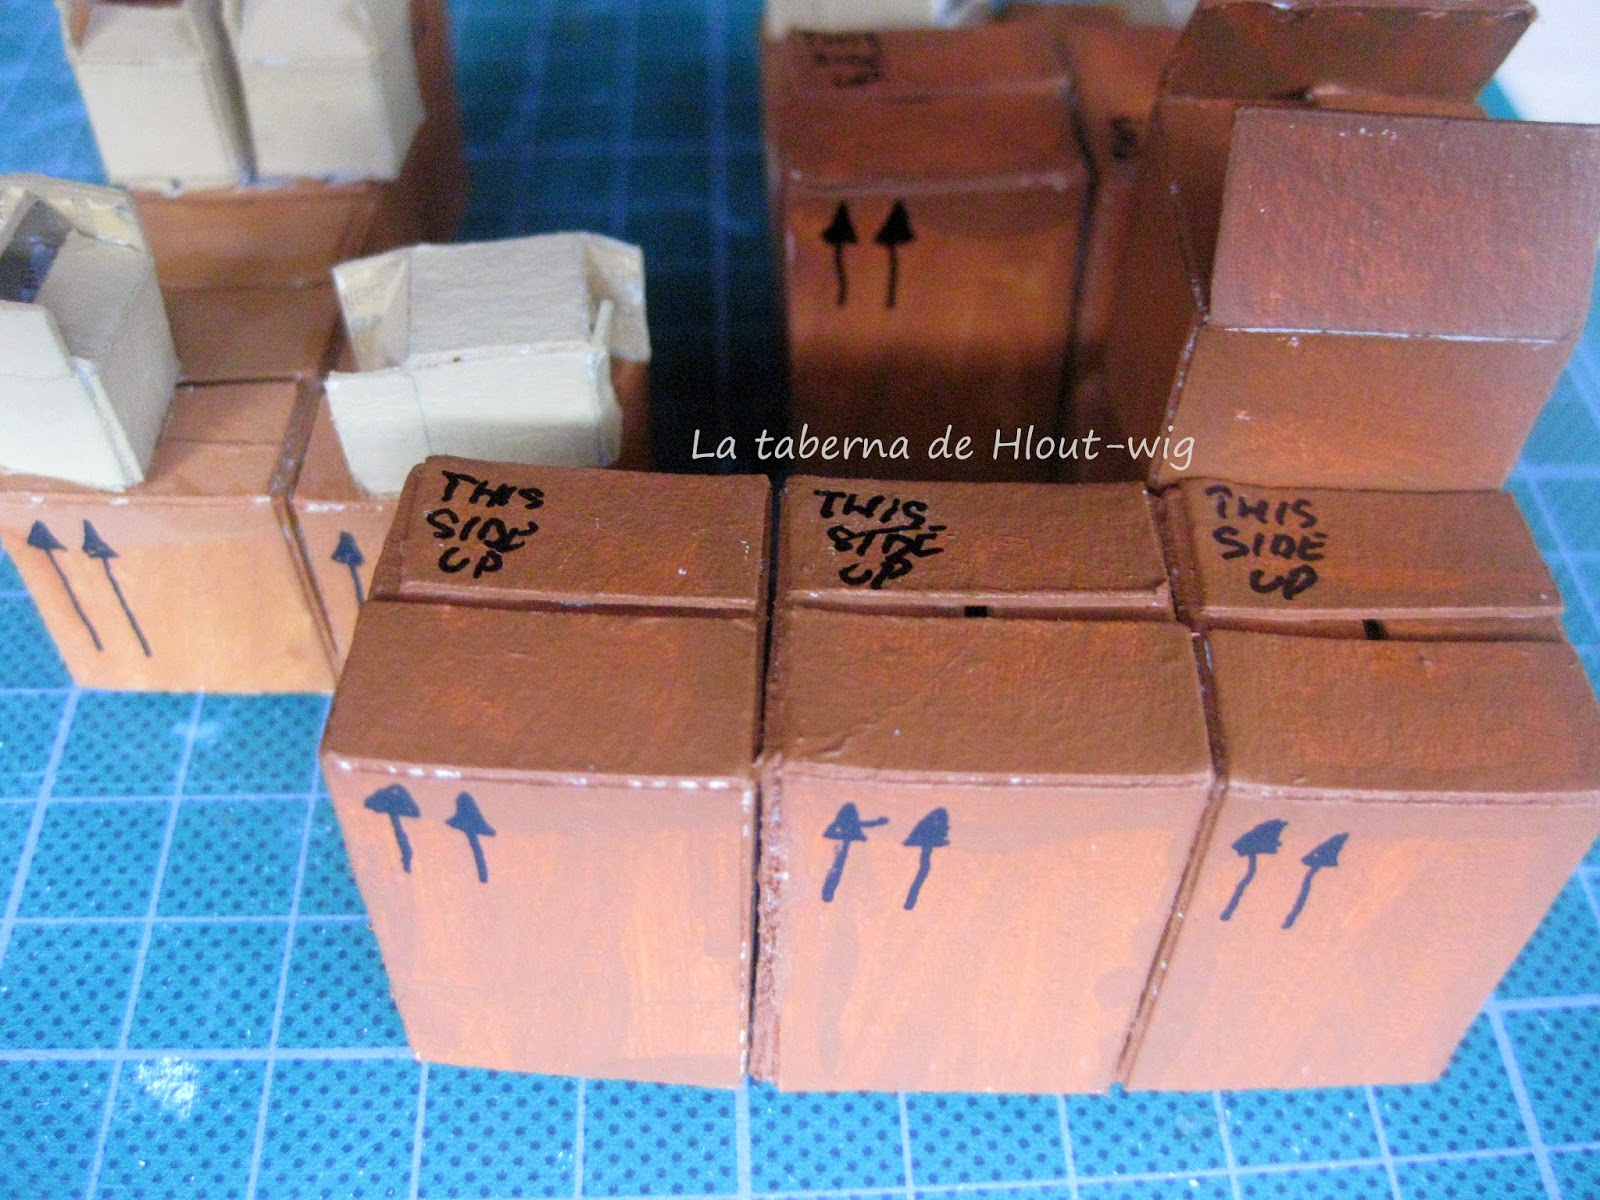 Detalles en las cajas (flechas y leyendas)